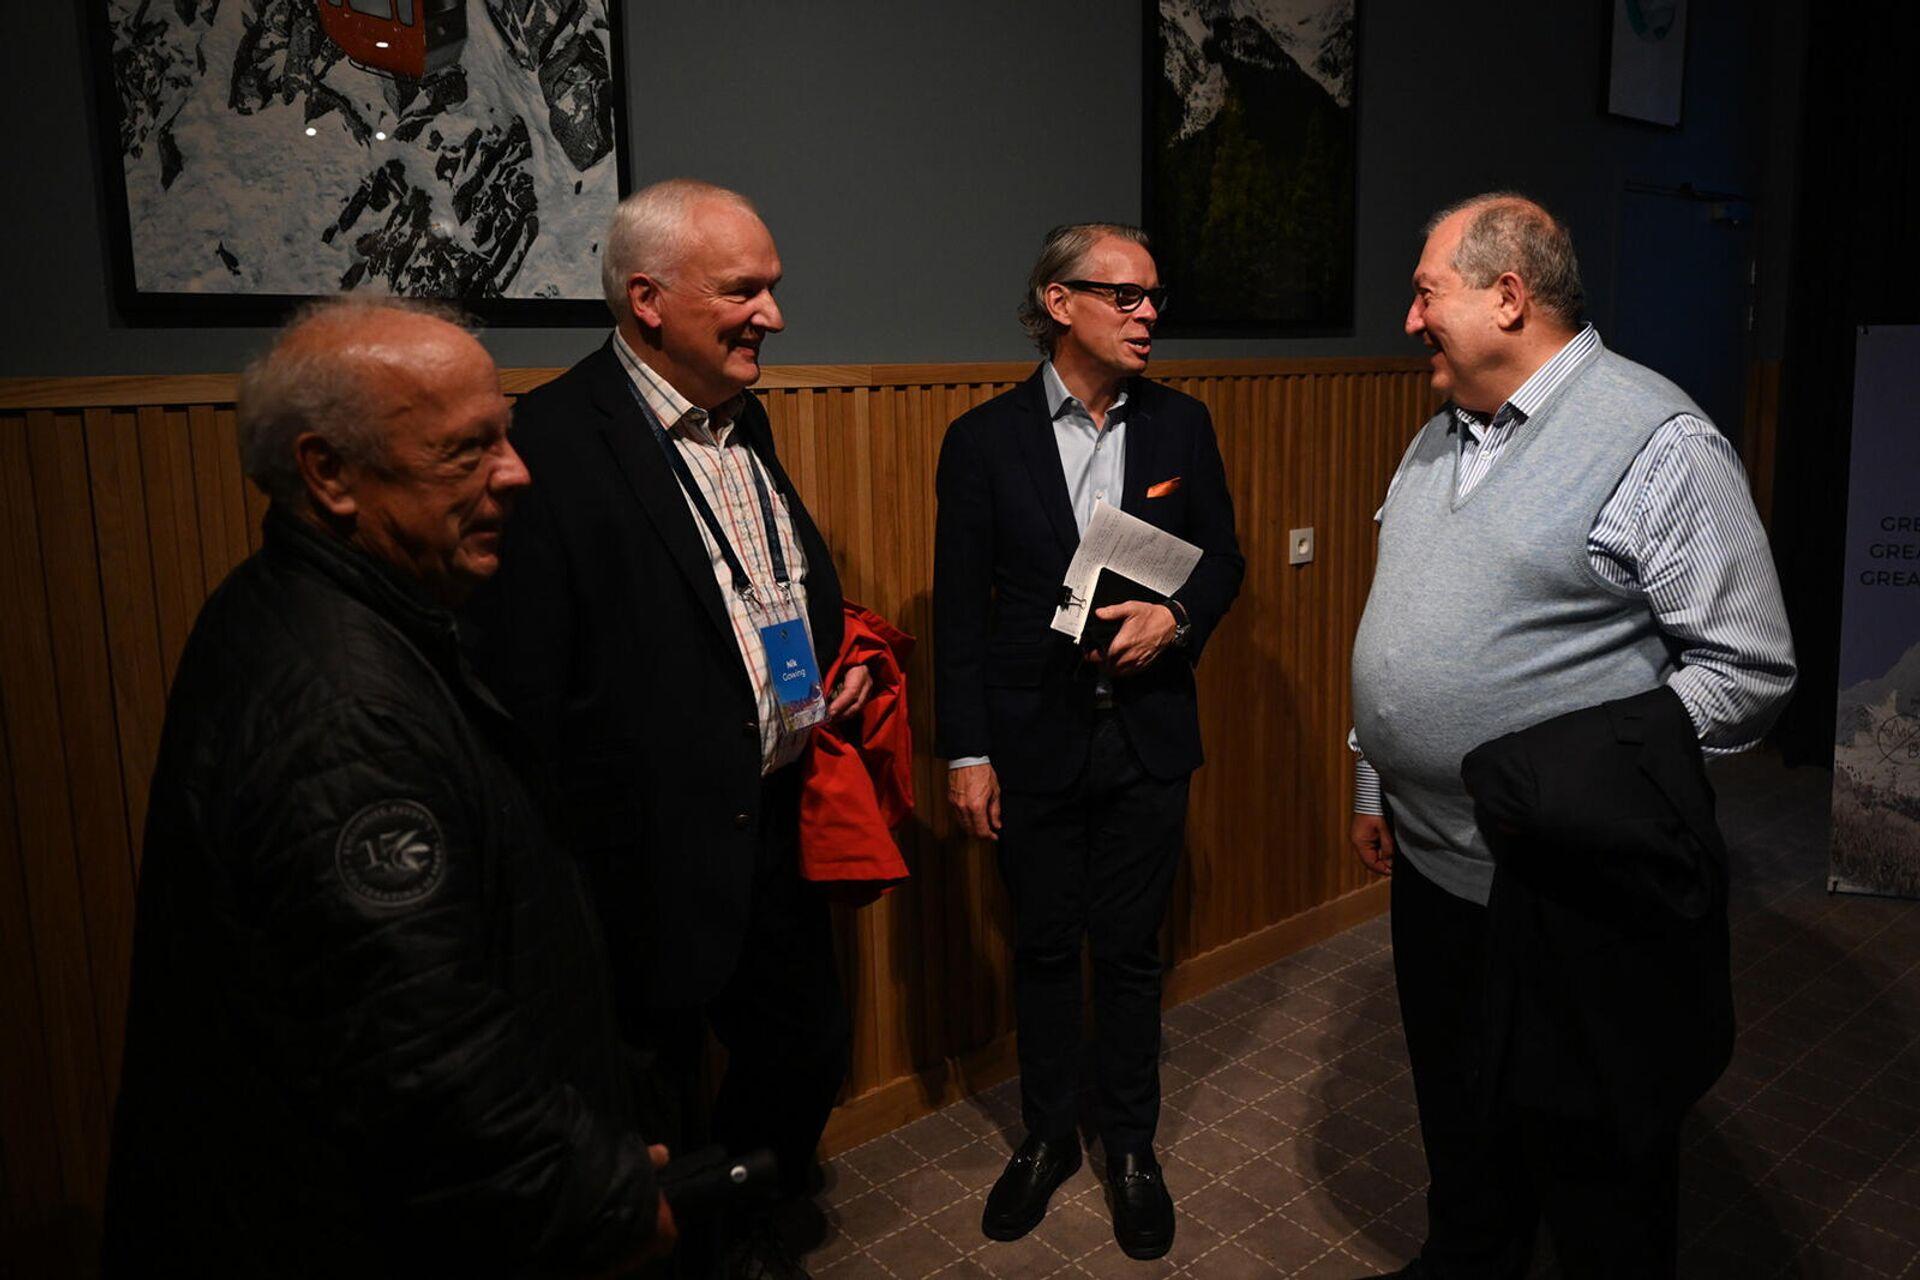 Արմեն Սարգսյանը Հայաստանի տնտեսական ու ներդրումային հնարավորություններն է ներկայացրել միջազգային մի շարք հայտնի ընկերությունների ղեկավարների - Sputnik Արմենիա, 1920, 17.09.2021